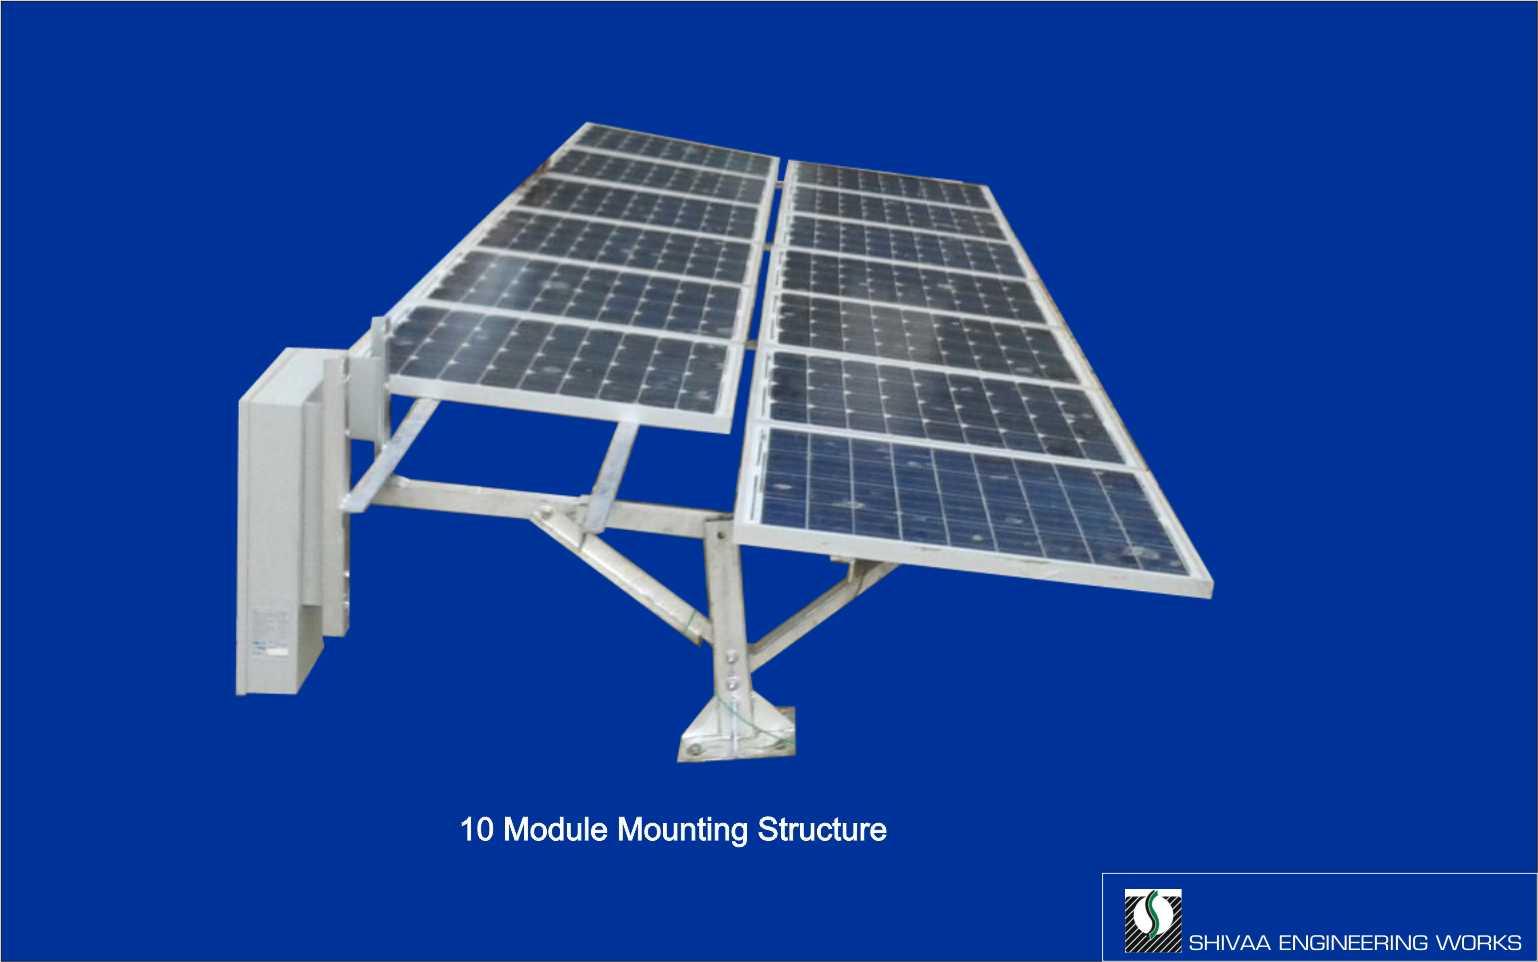 Shivaa Engineering